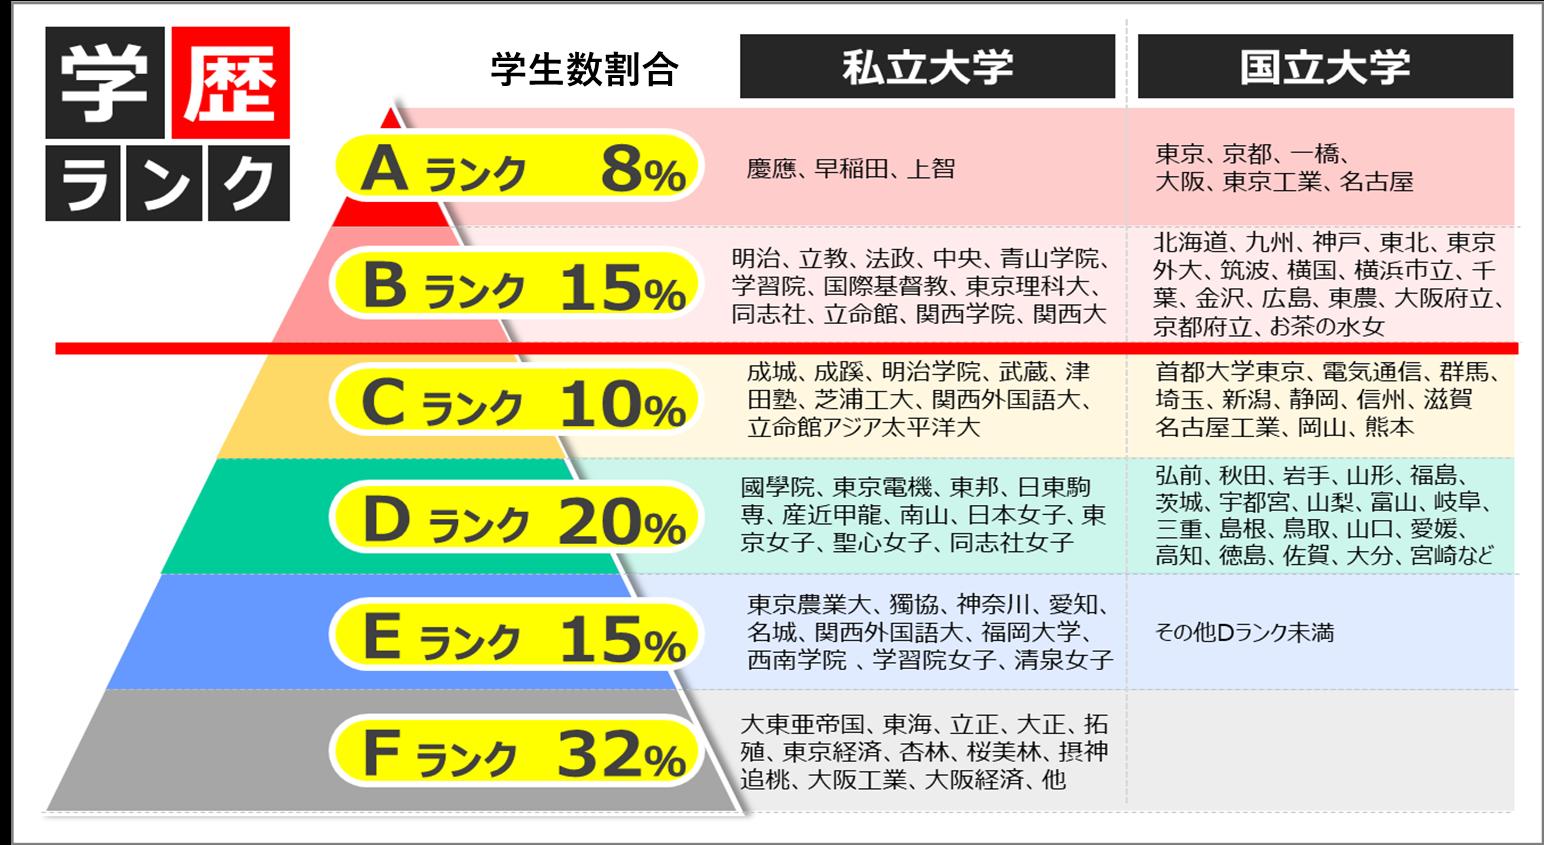 住友商事の学歴事情_学歴フィルター画像